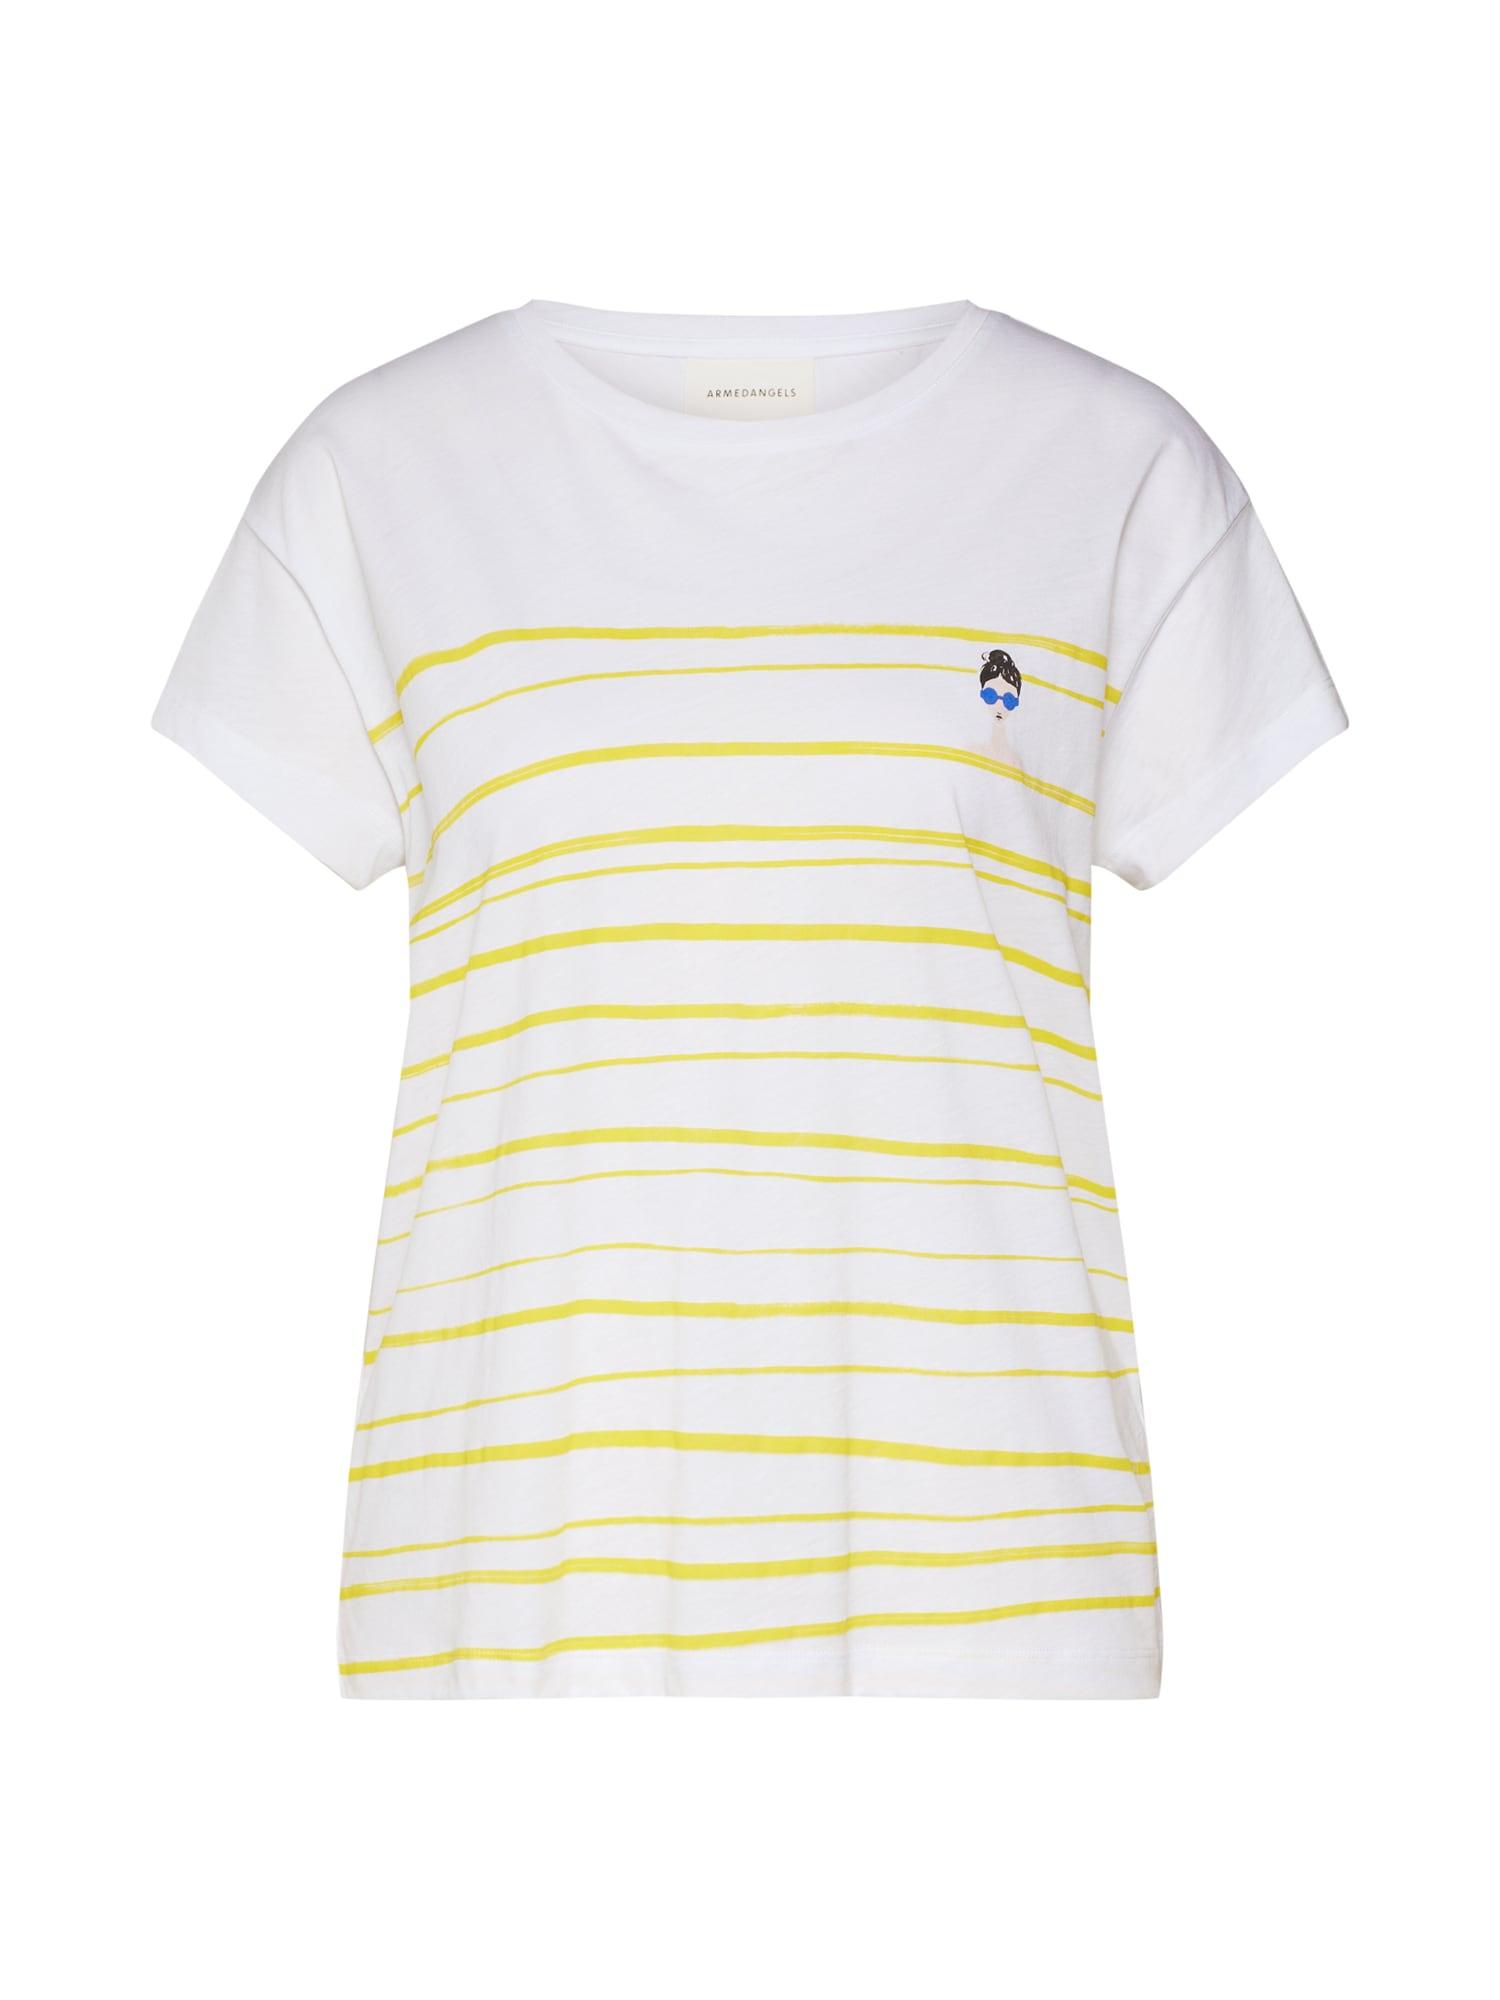 Tričko NELAA WOMAN AT THE SEA žlutá bílá ARMEDANGELS